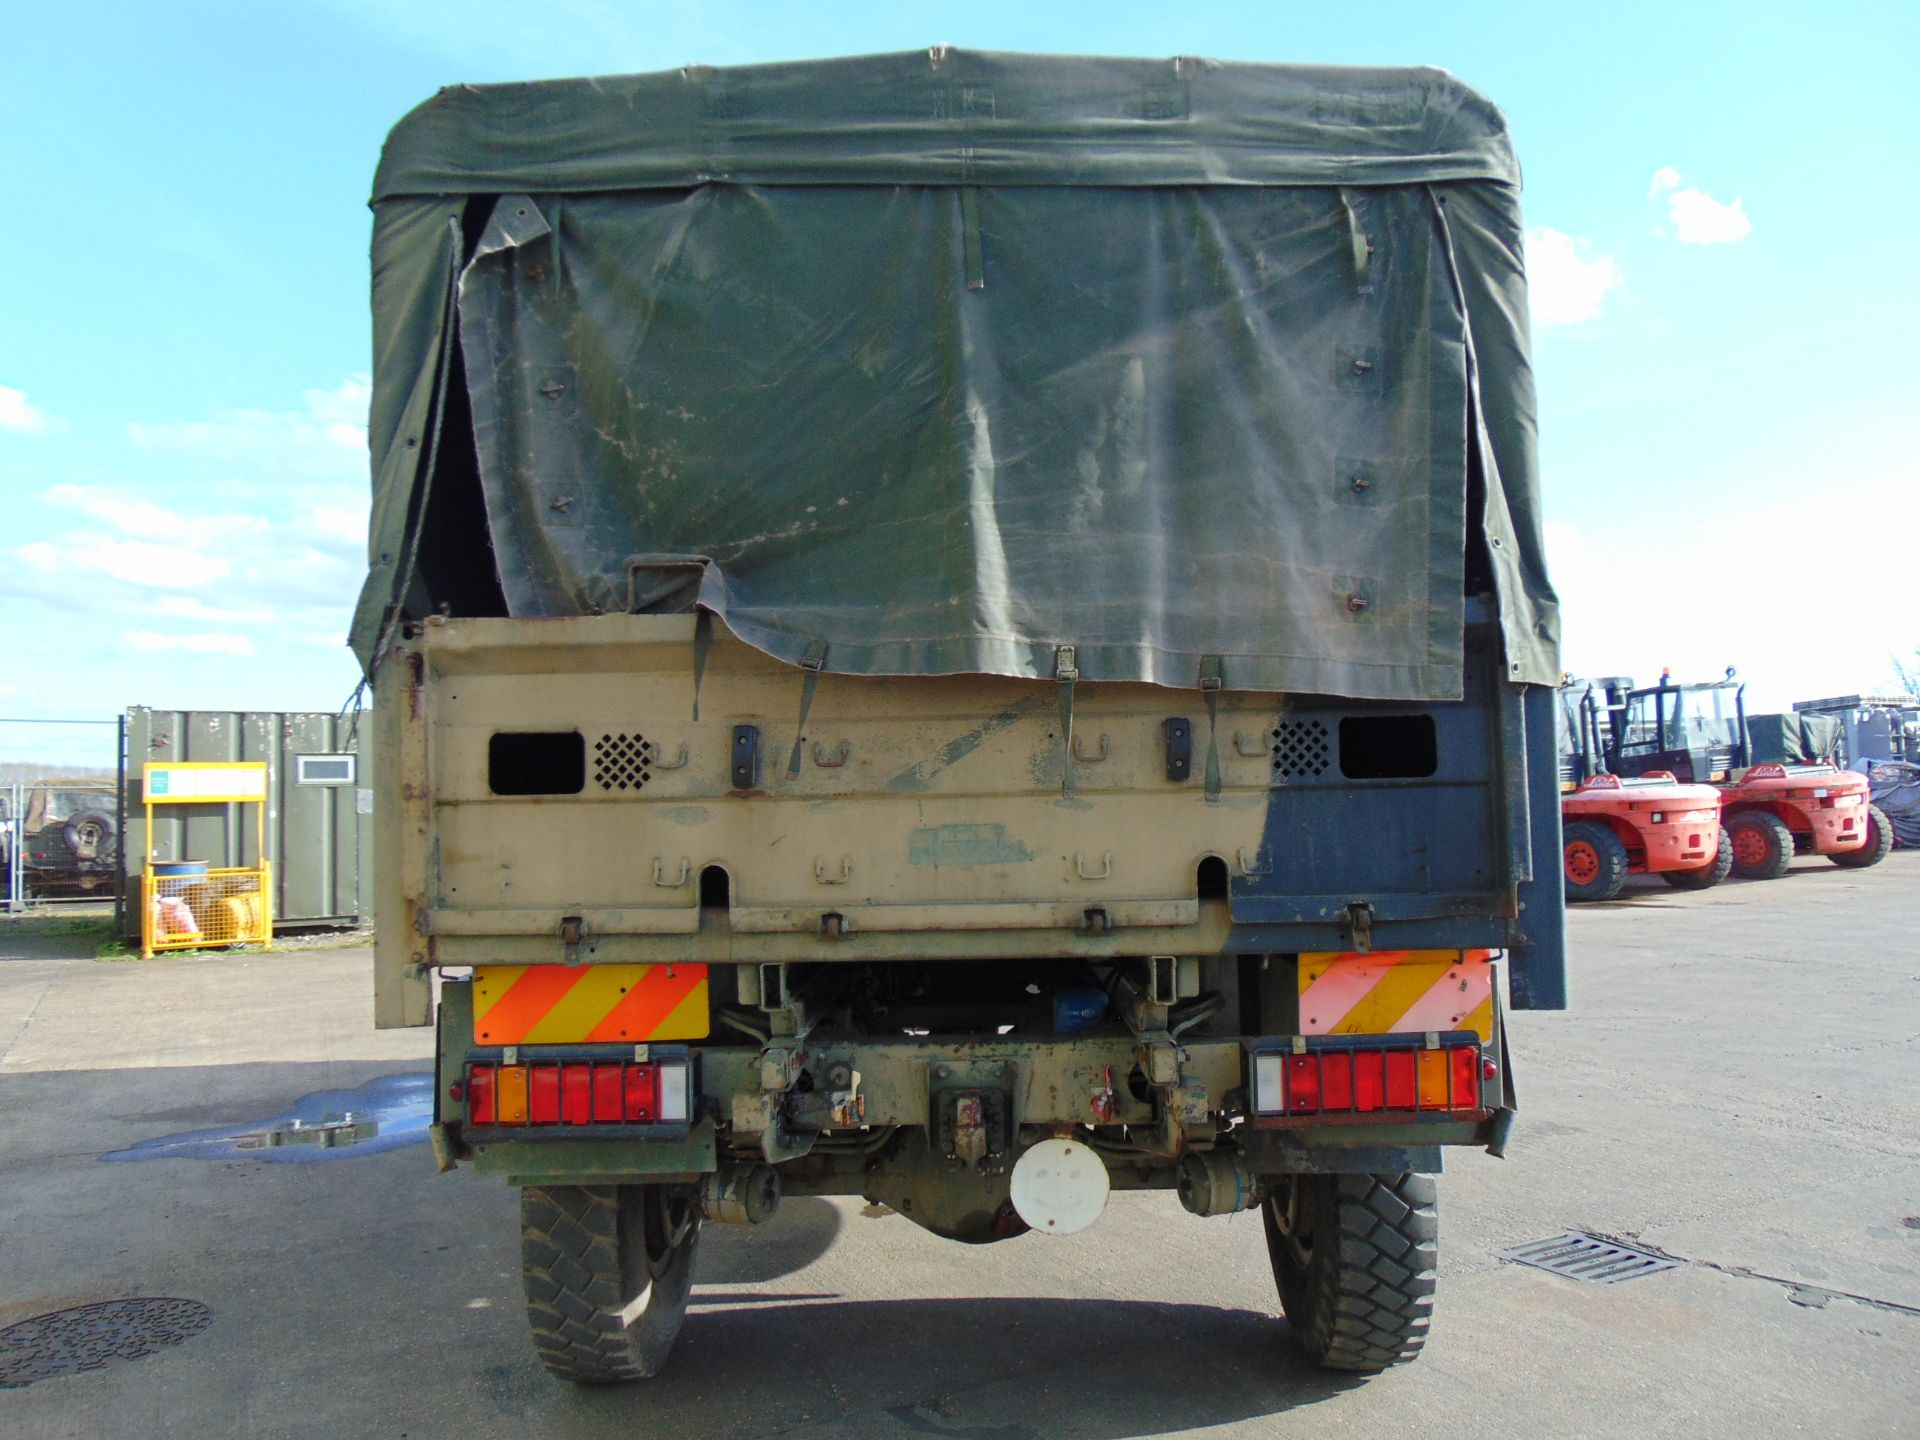 Lot 17 - Leyland Daf 45/150 4 x 4